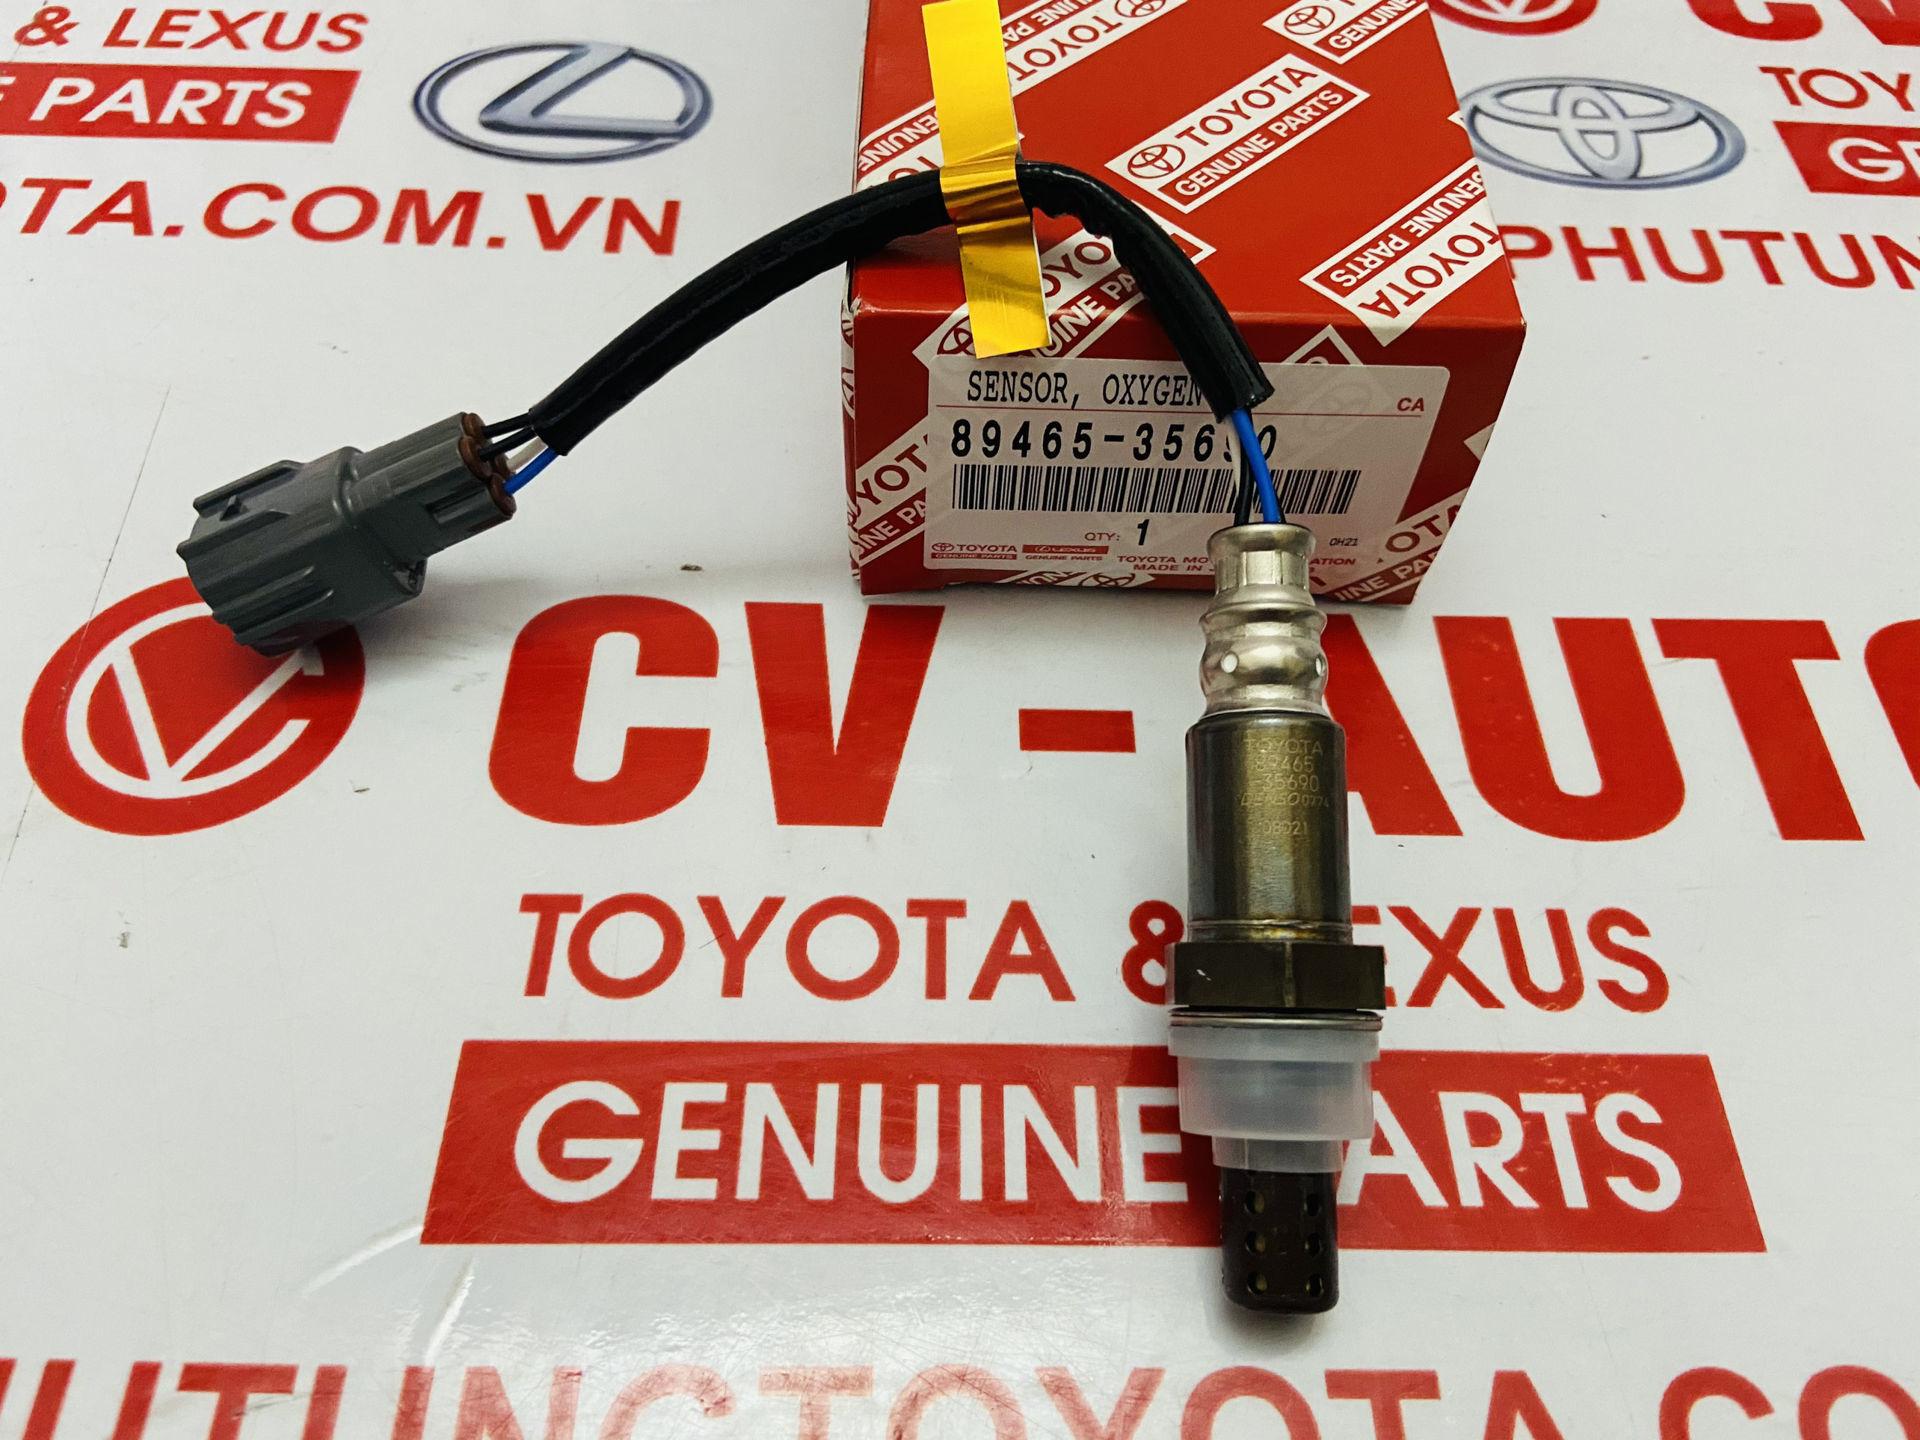 Picture of 89465-35690, 8946535690 Cảm biến ô xy khí xả Lexus GX470 chính hãng